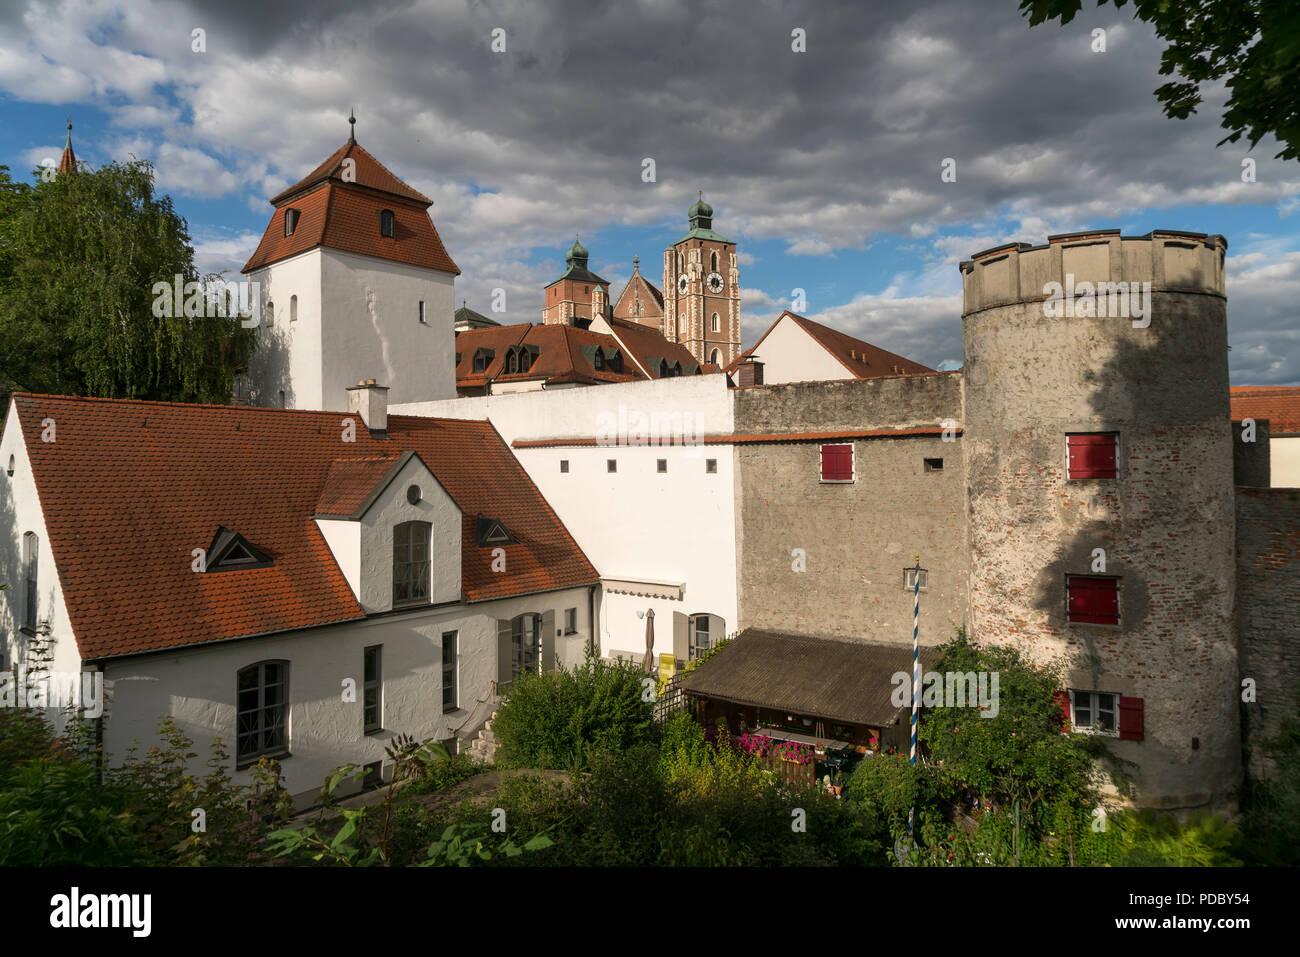 Türme der Stadtmauer und Liebfrauenmünster, Ingolstadt, Oberbayern, Bayern, Deutschland | city wall tower and Liebfrauenmünster, Ingolstadt, Upper Bav - Stock Image